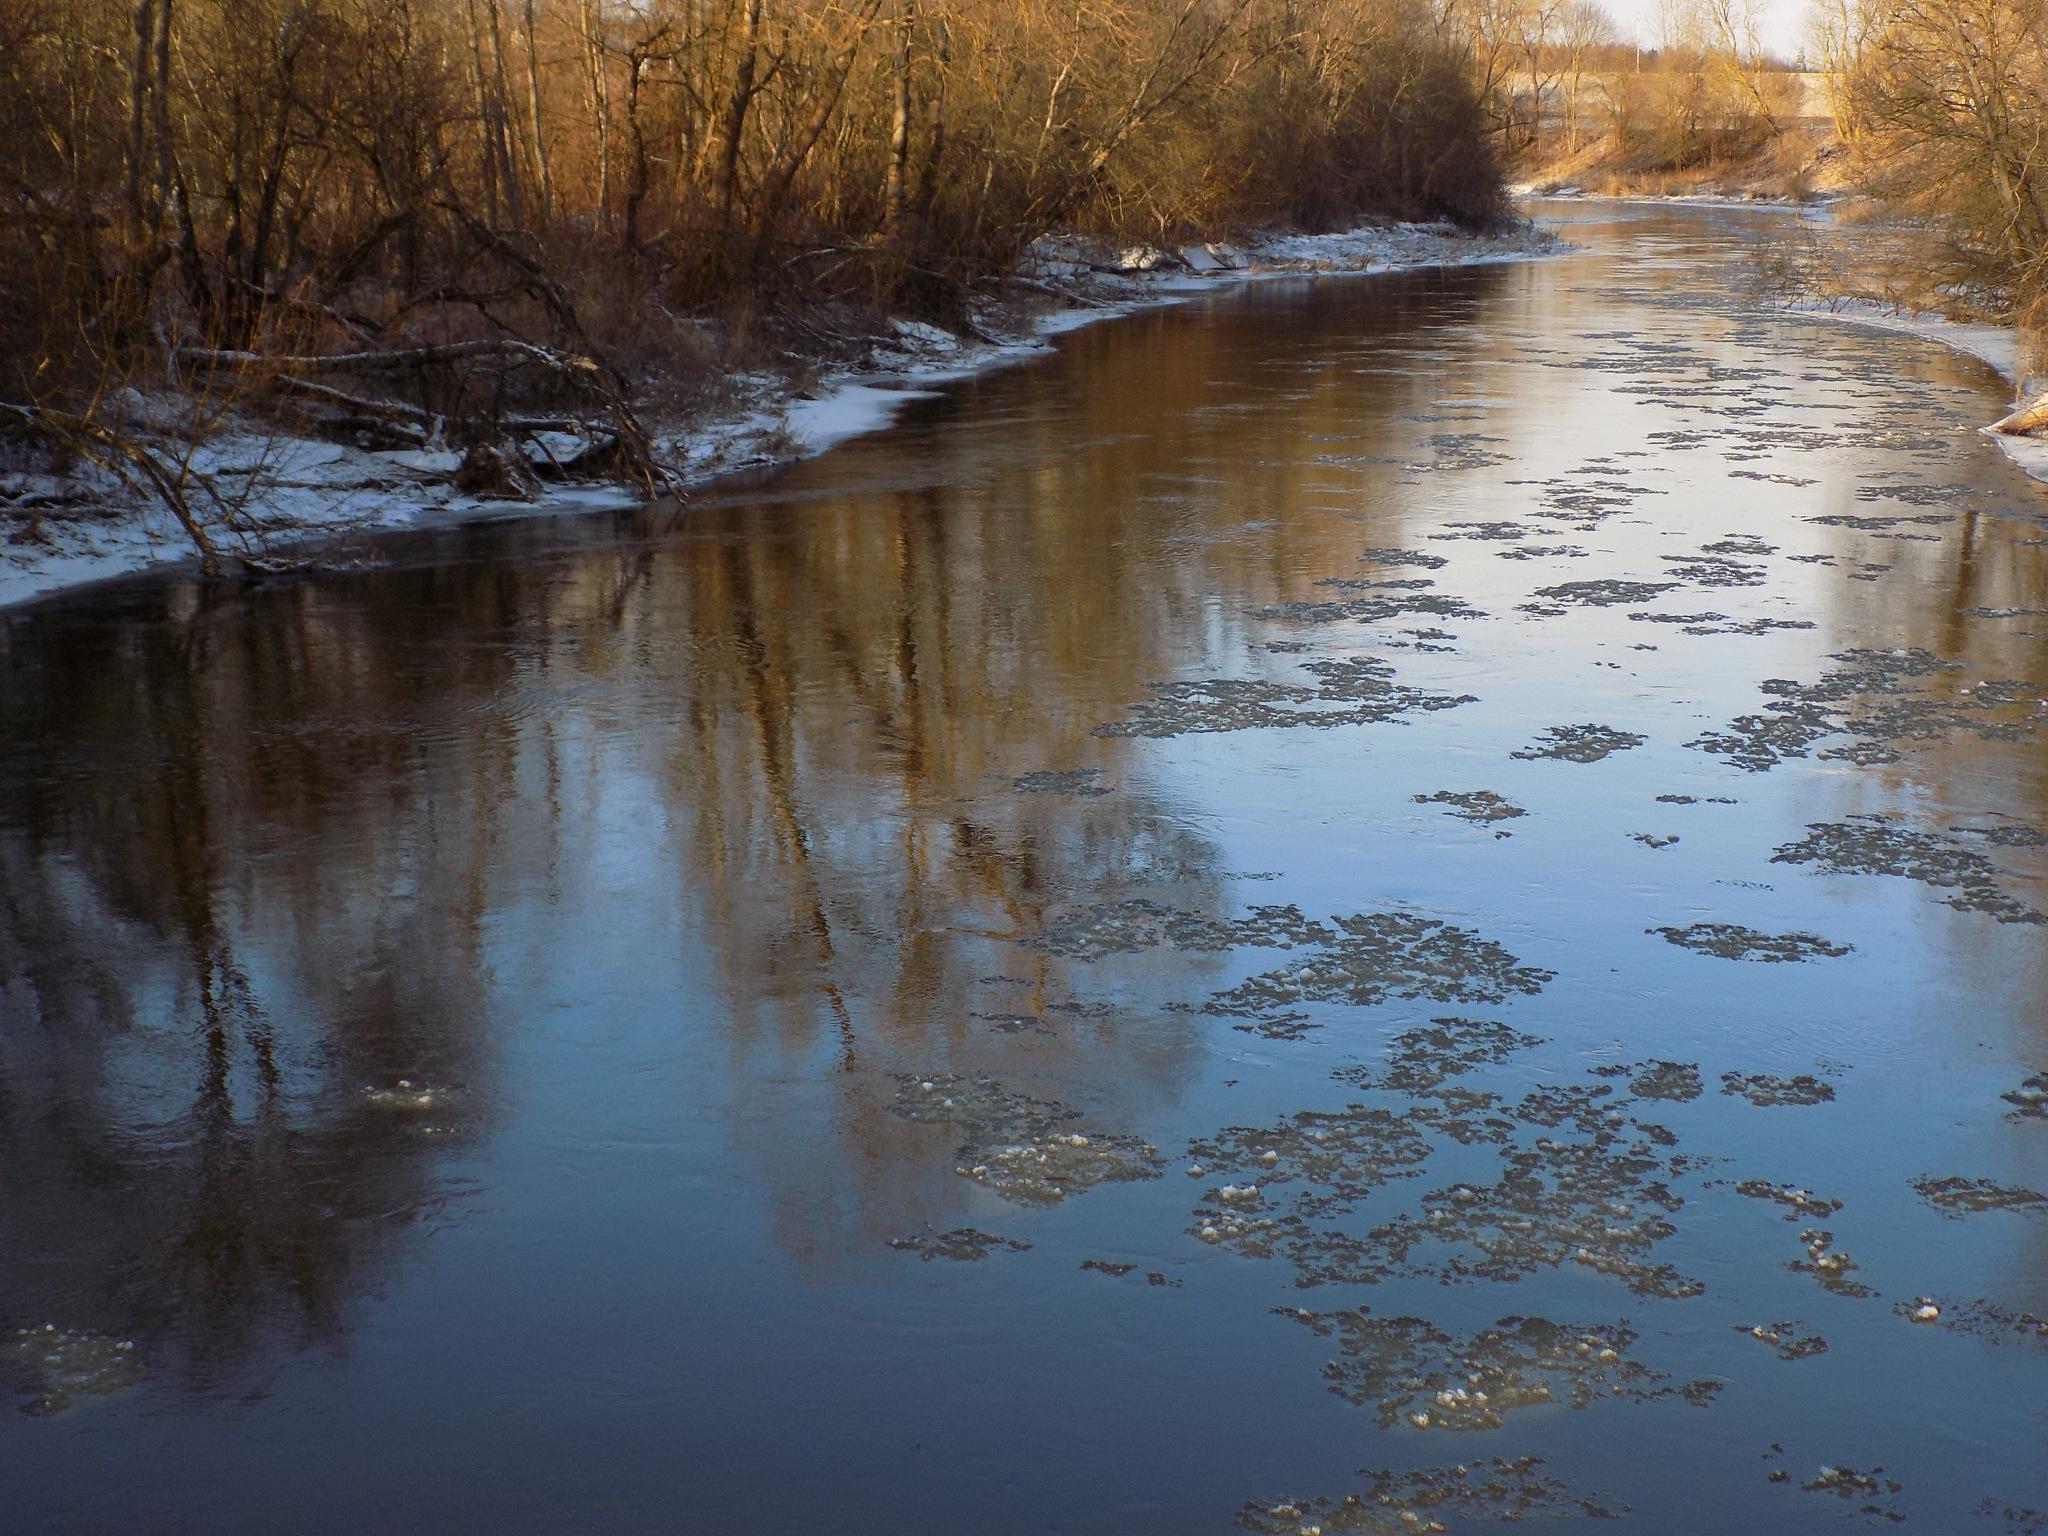 Venta river by uzkuraitiene62